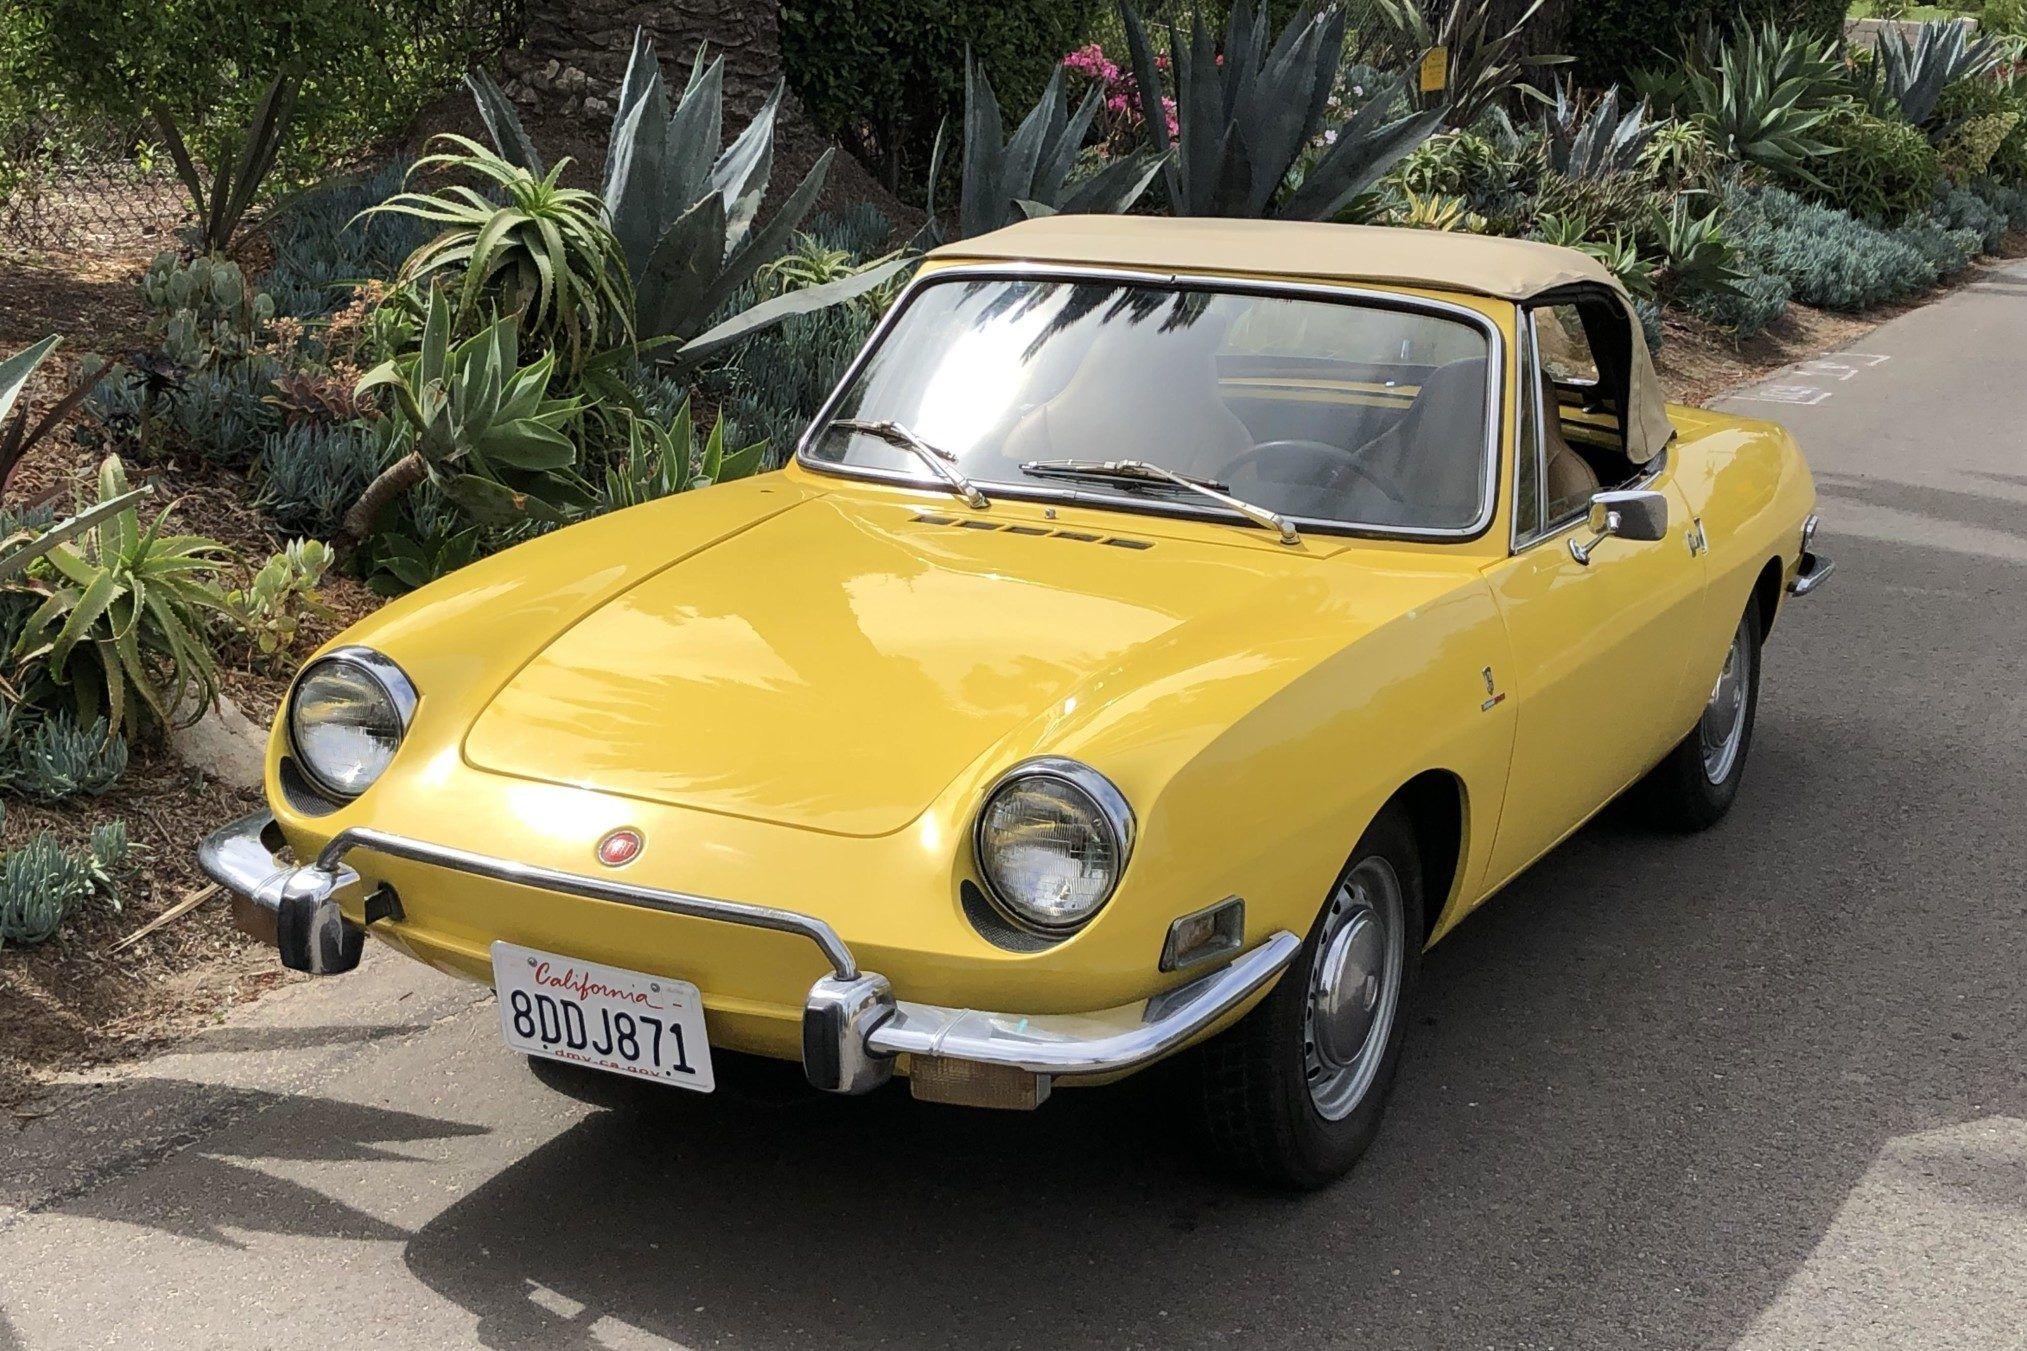 1973 Fiat 850 Sport Spider Fiat 850 Fiat Classic Cars